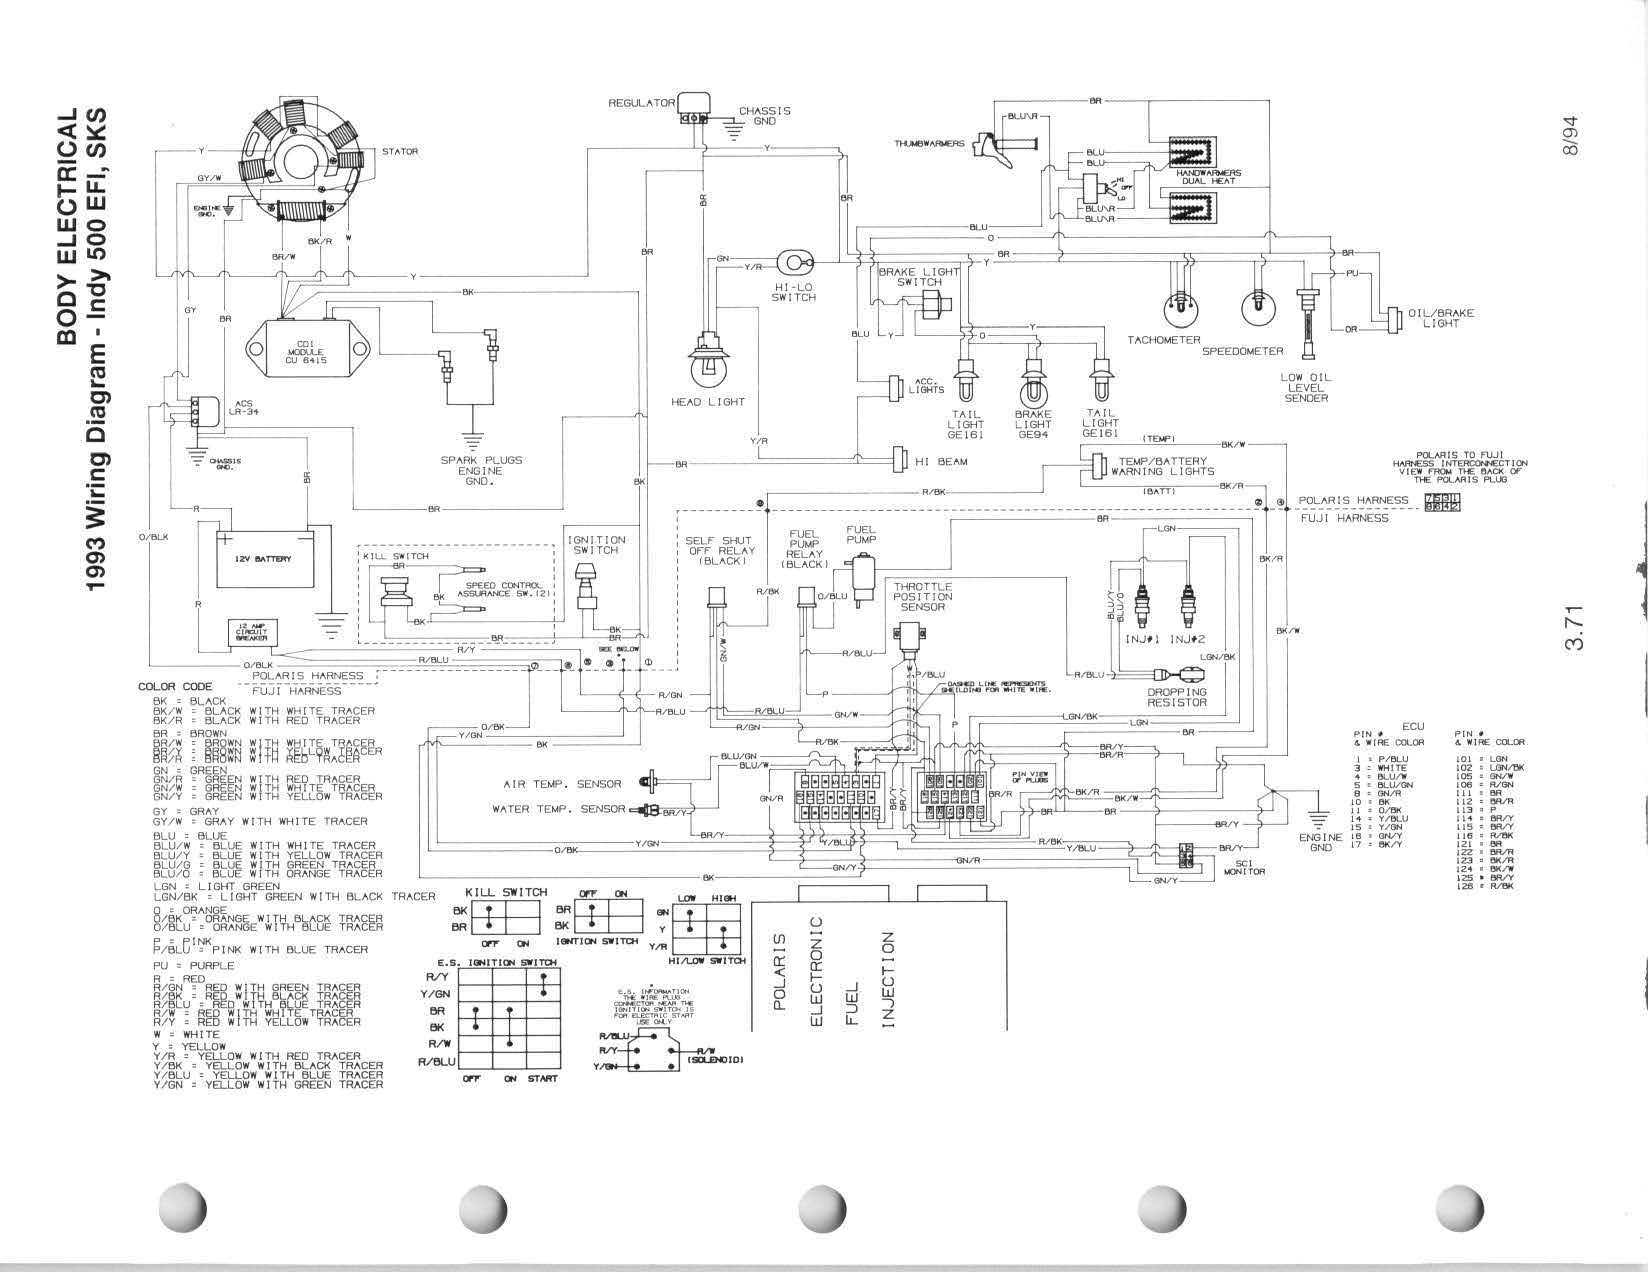 hight resolution of 2007 polaris ranger 700 xp wiring diagram full size of wiring diagram polaris ranger xp